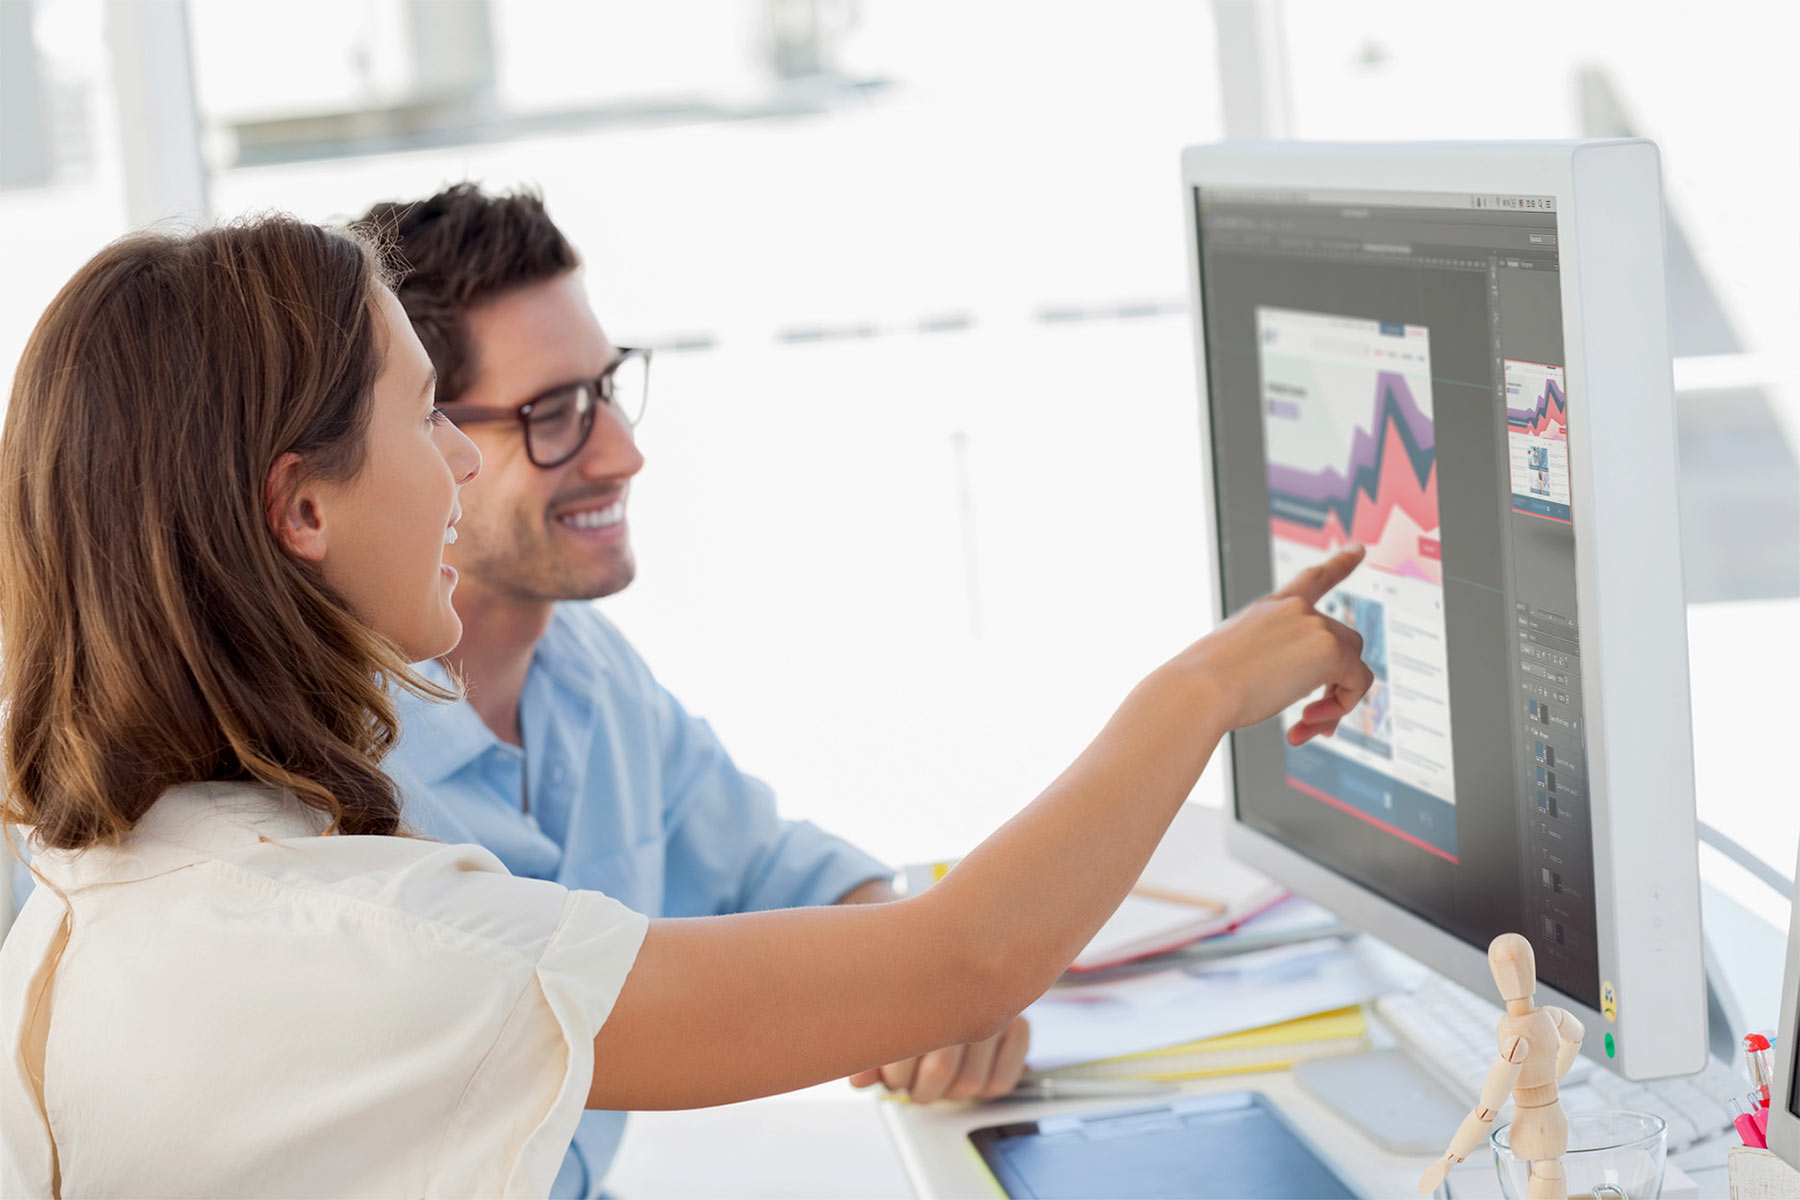 Прежде чем заказать разработку сайта, исследуйте возможности собственного потенциала